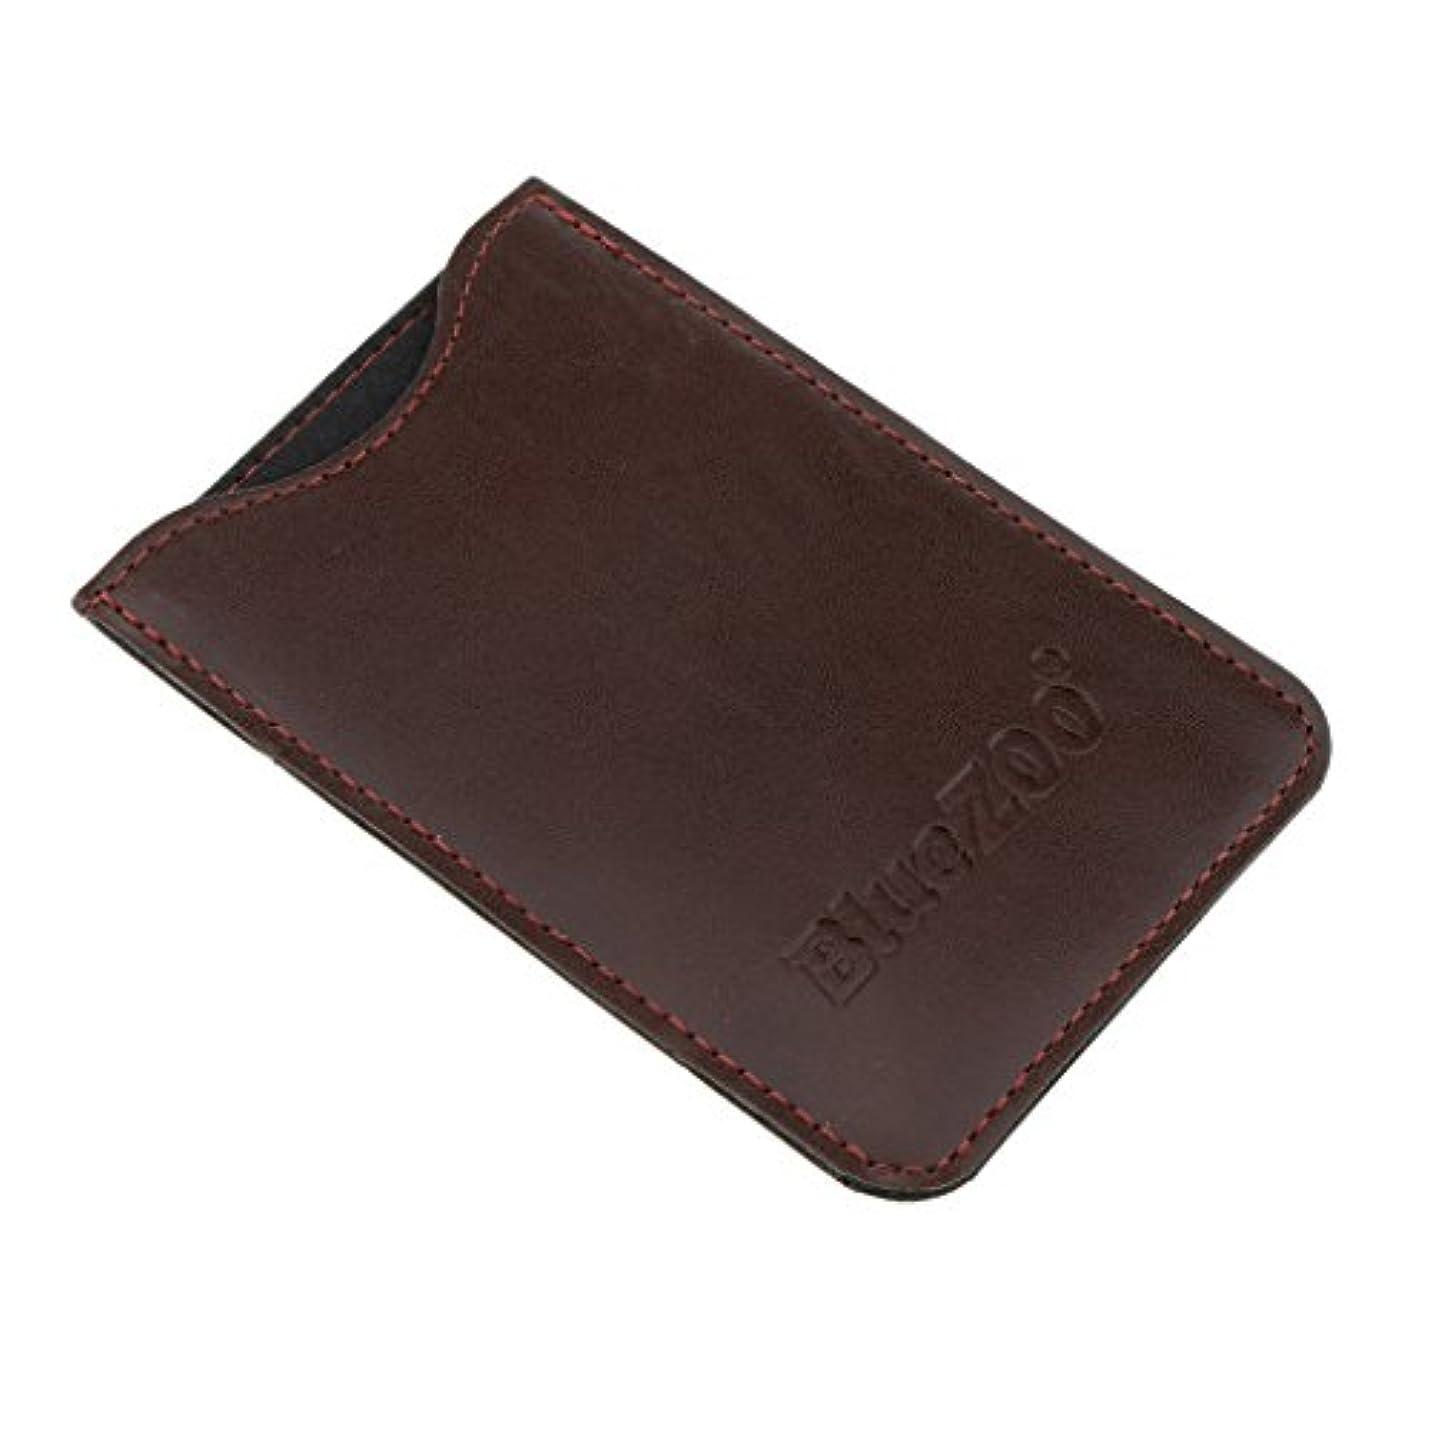 絶滅させるそれシェアHomyl 収納パック 収納ケース 保護カバー 櫛/名刺/IDカード/銀行カード 多機能 高品質 全2色  - 褐色